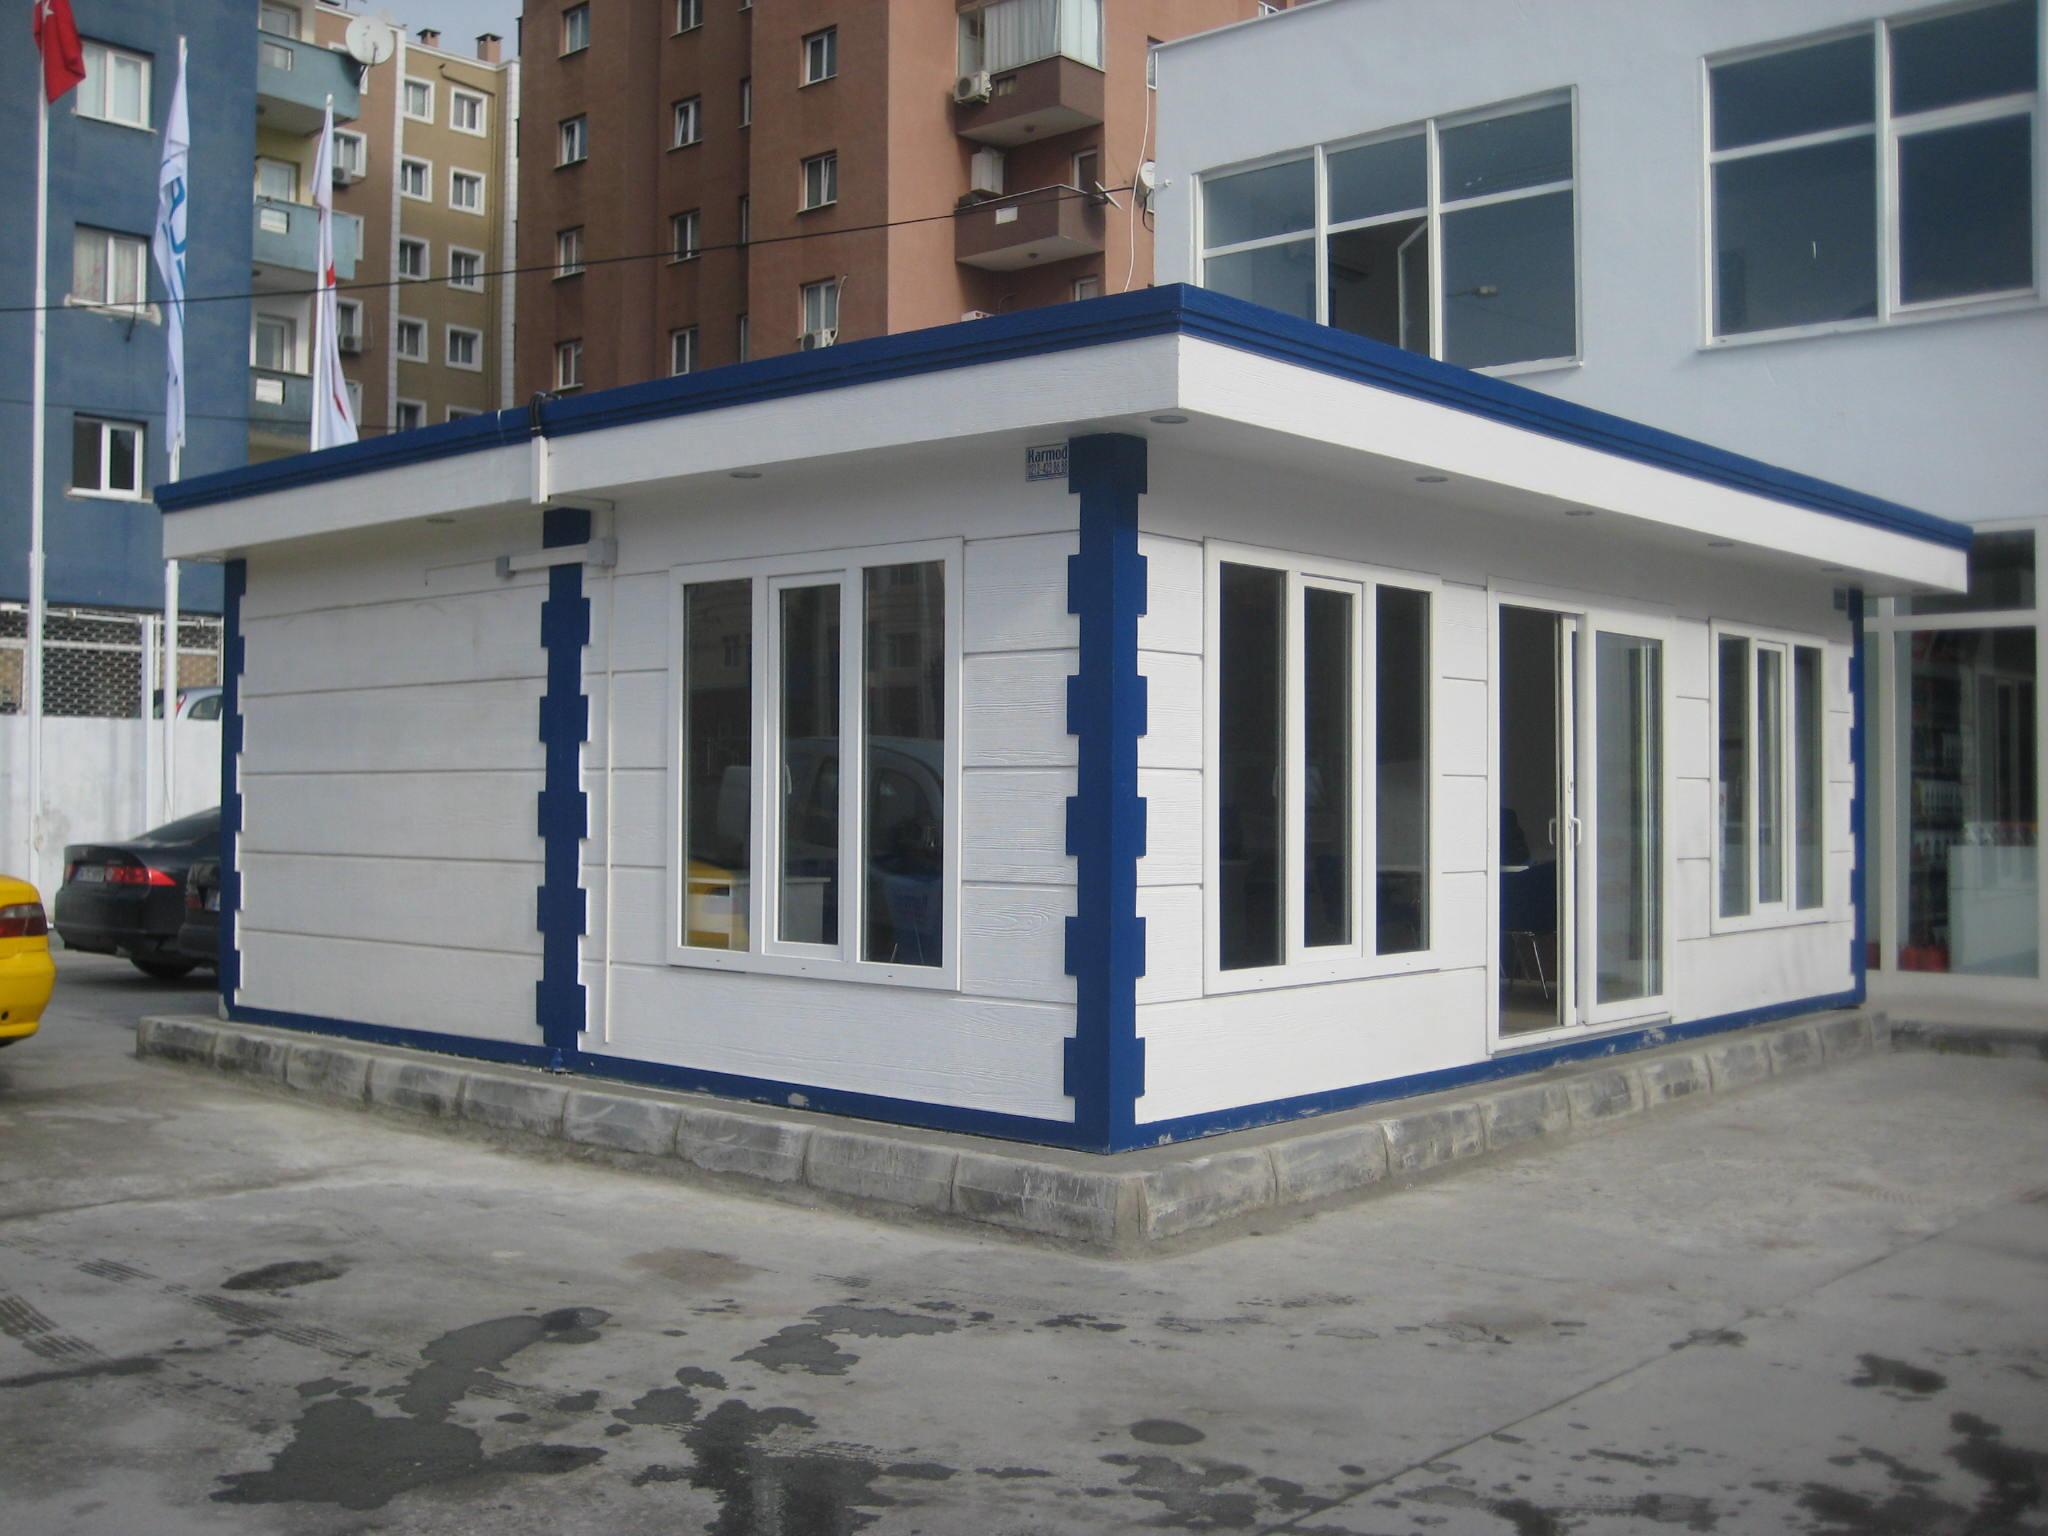 Bureaux - Portakabin